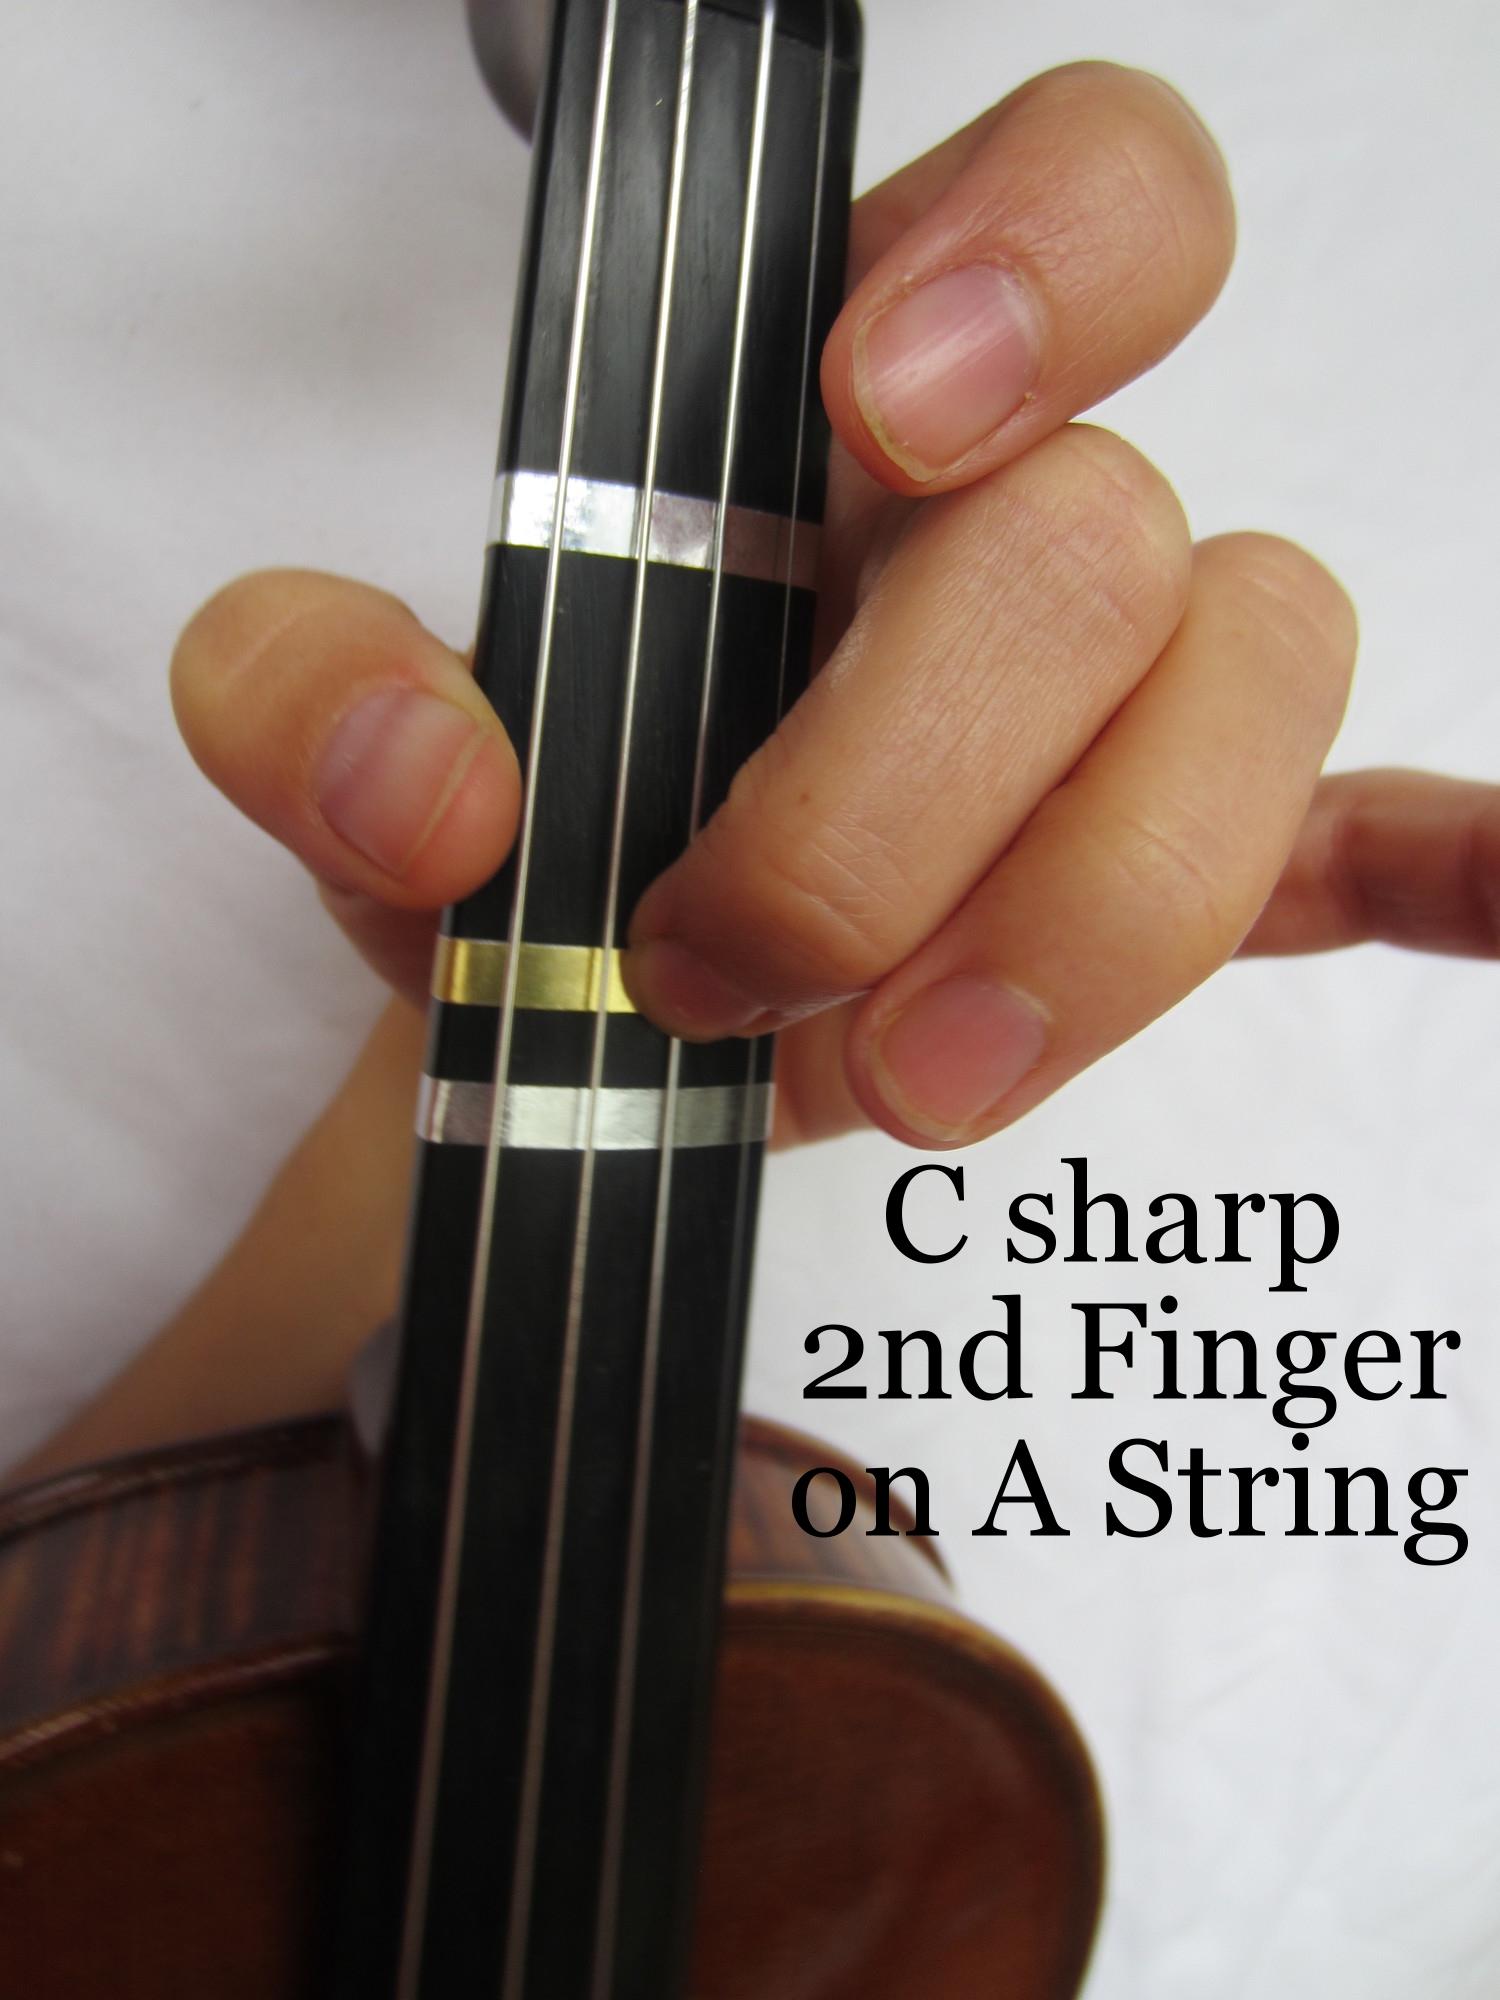 Violin Fingering C sharp on A.JPG